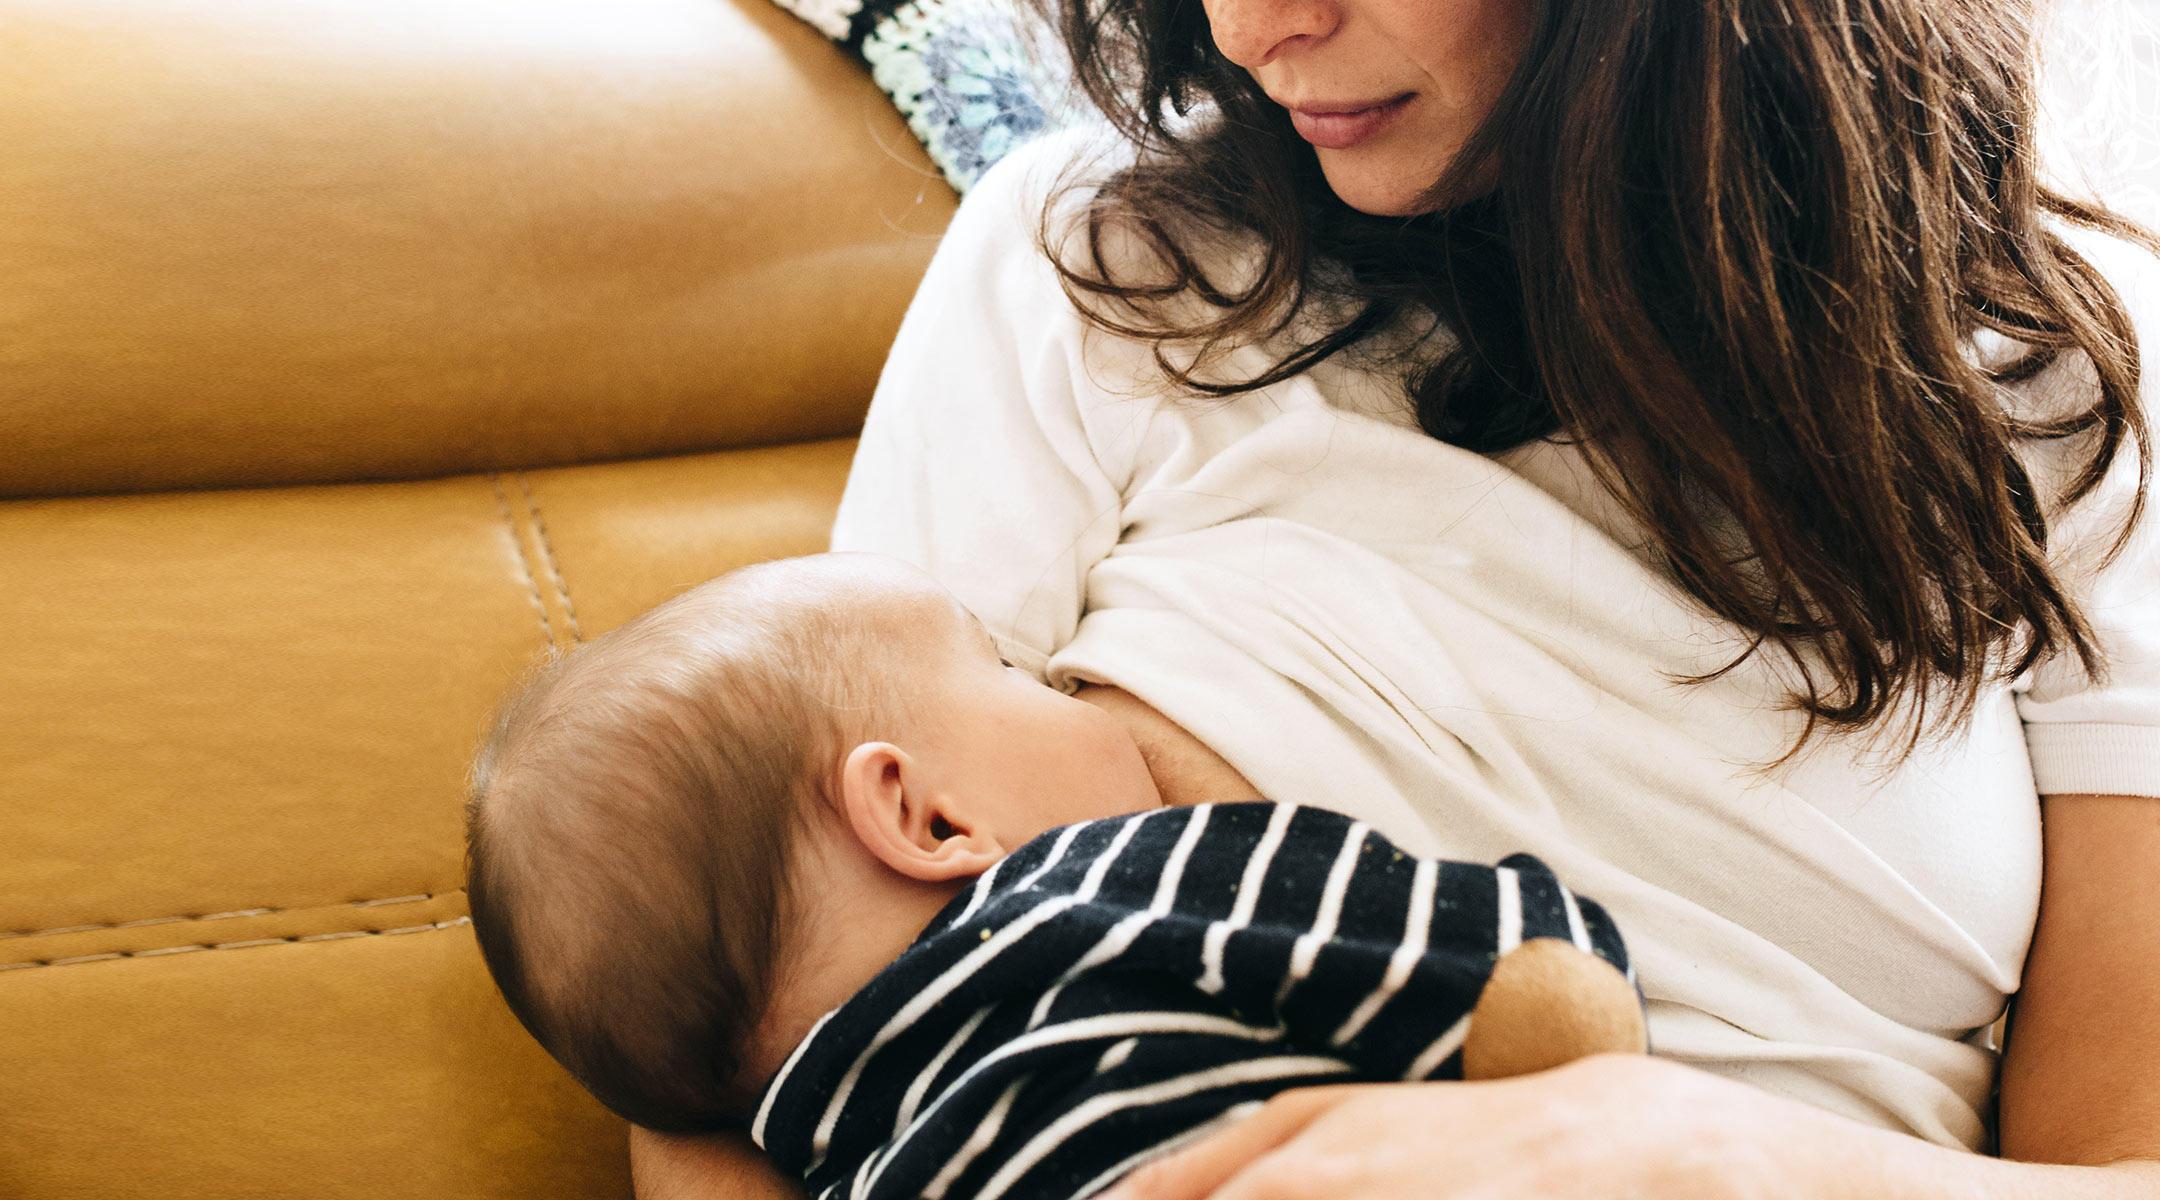 Rüyada Bekar Kızın Bebek Emzirmesi